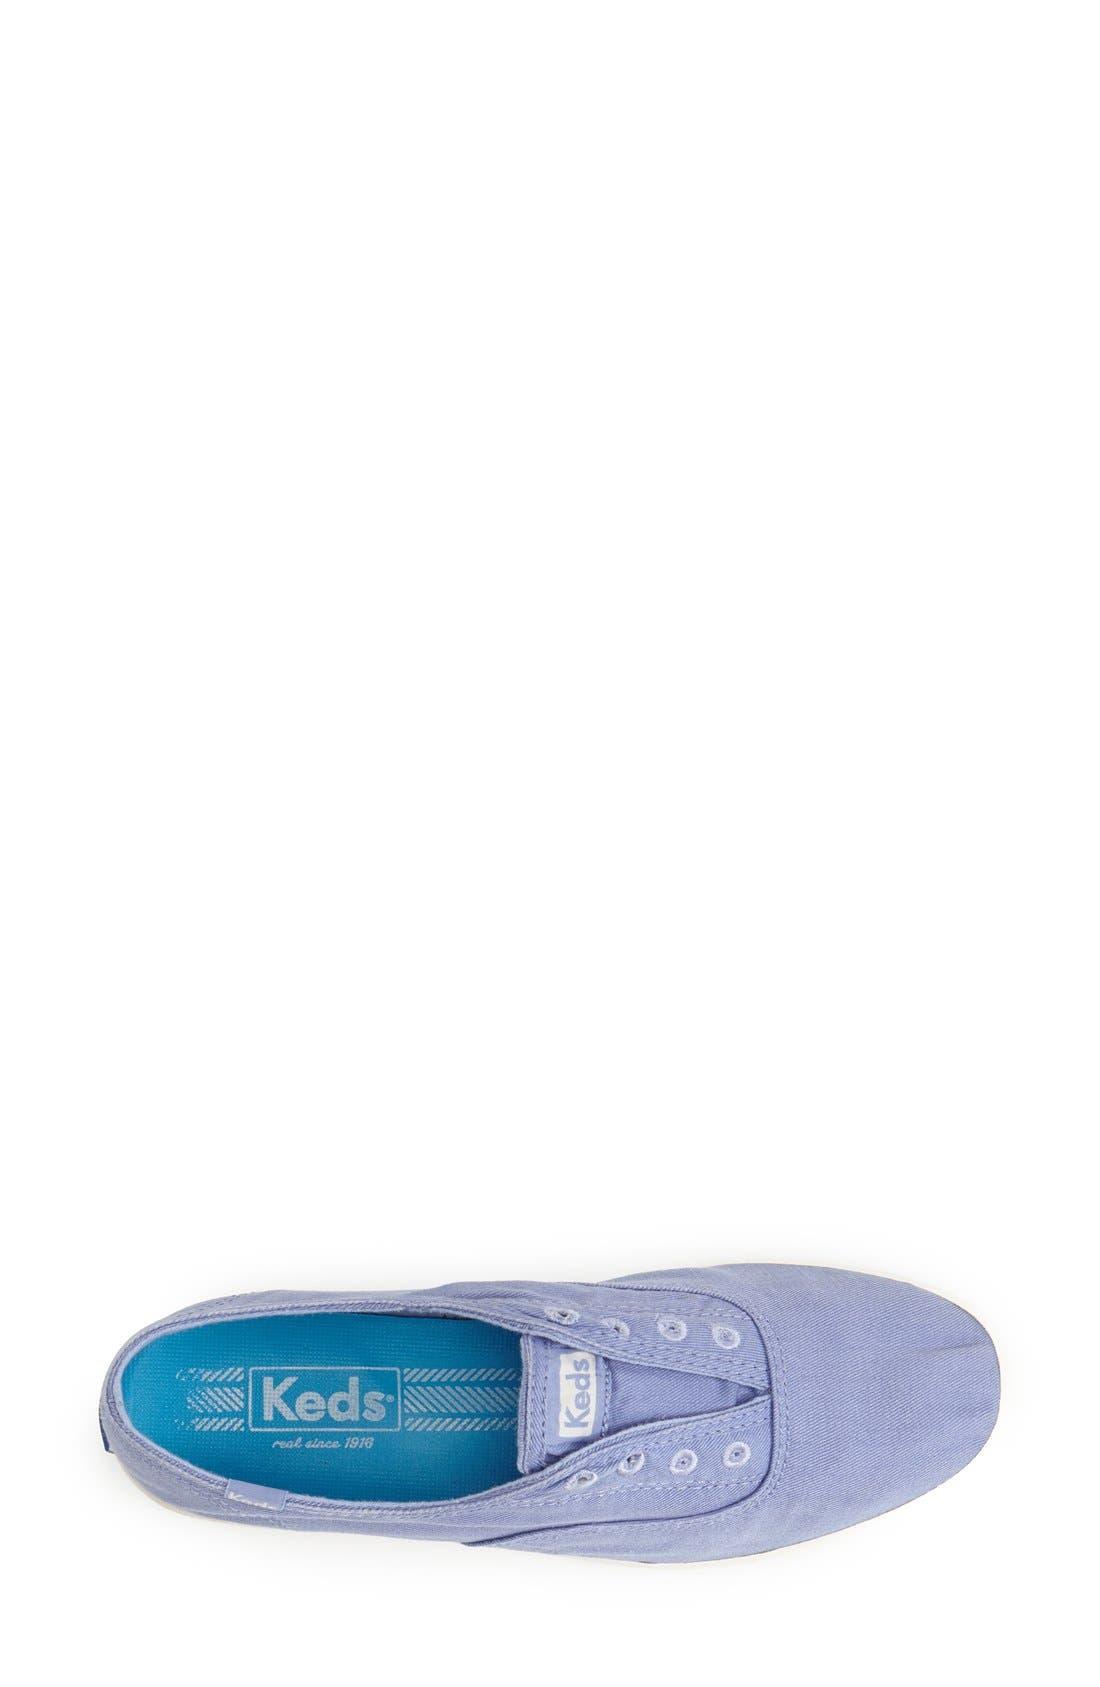 Alternate Image 3  - Keds® 'Chillax' Ripstop Slip-On Sneaker (Women)